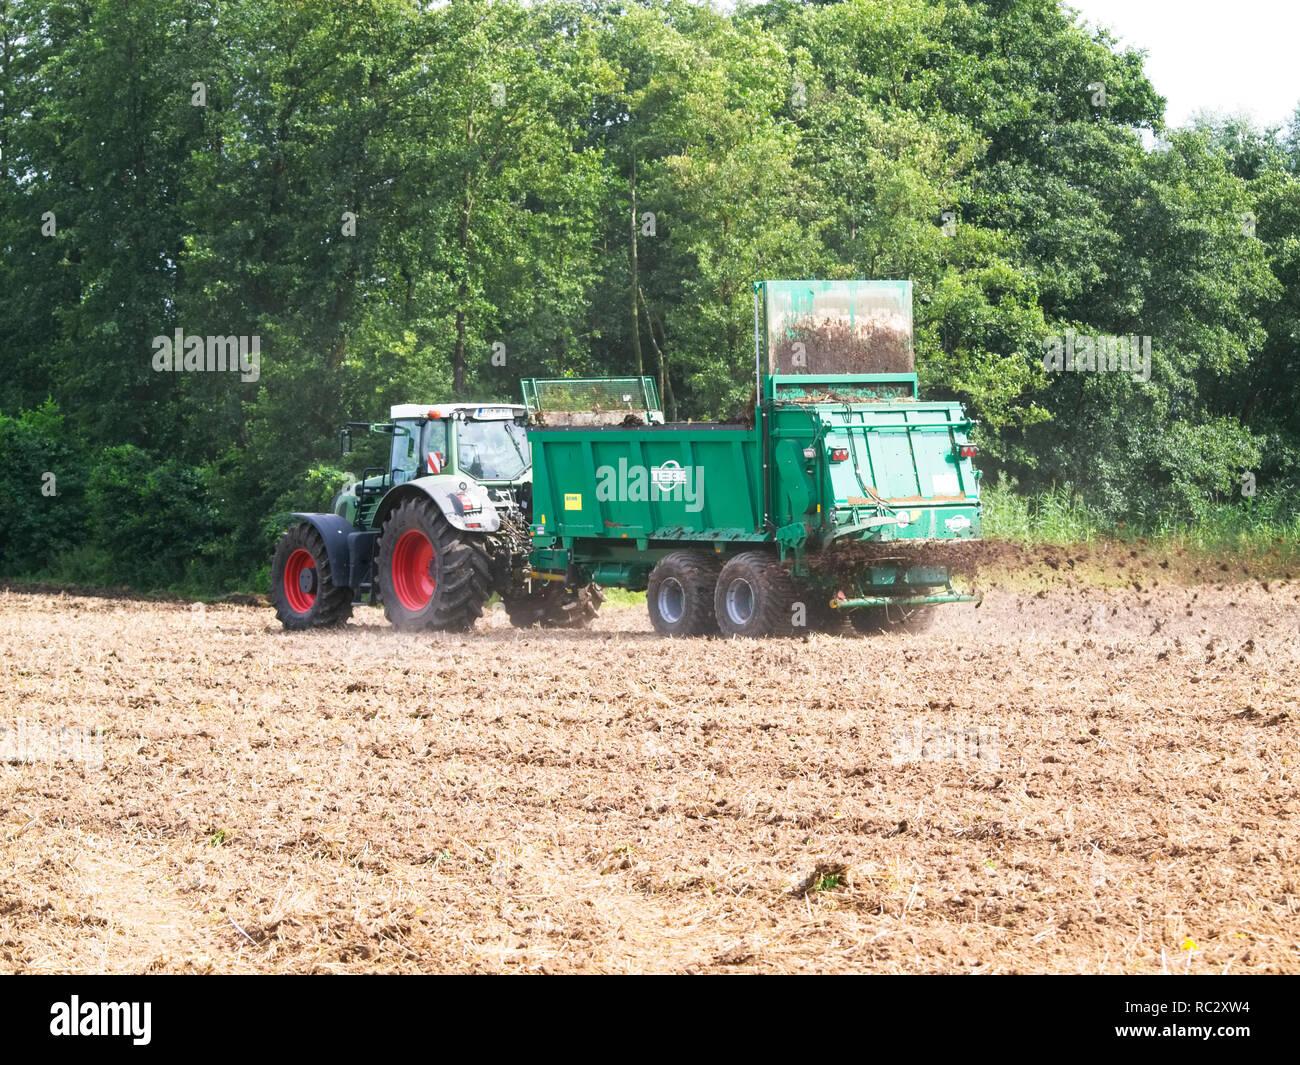 Blechspielzeug Traktor Hell Und Durchscheinend Im Aussehen Baufahrzeuge & Traktoren